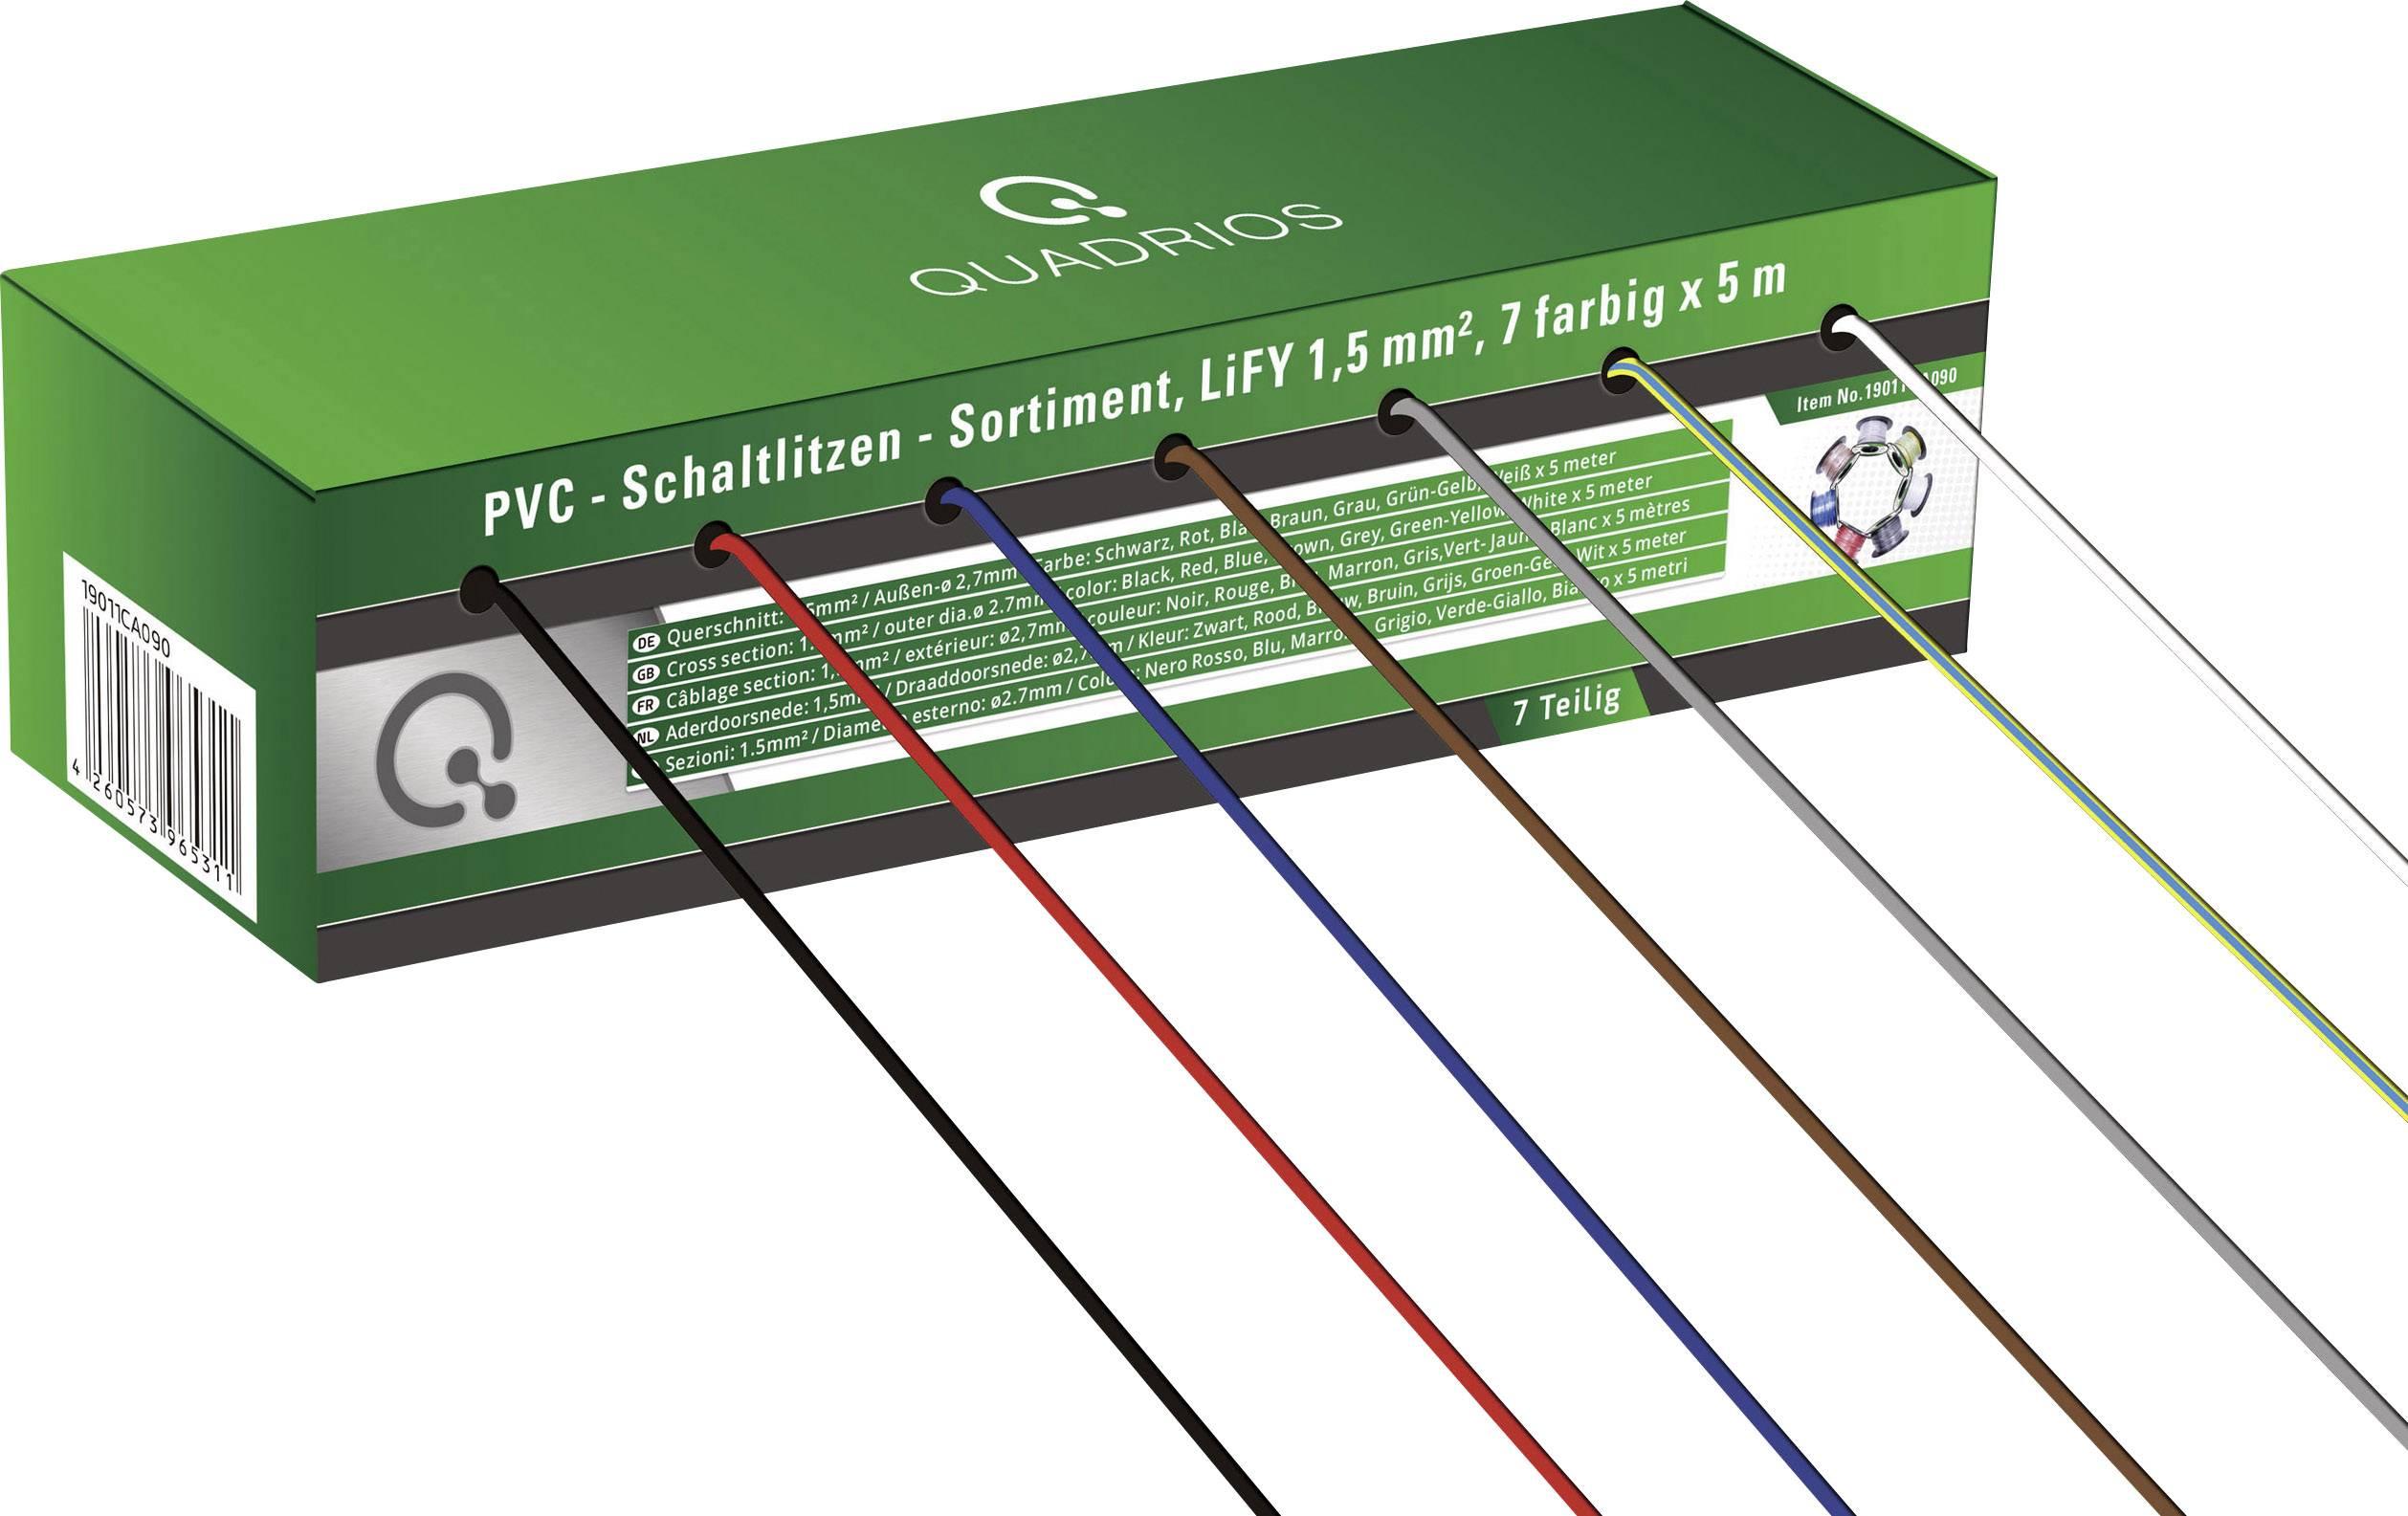 25m LIFY Kabel Litze 1x0,14mm² Grün Kupferlitze Schaltlitze 25 Meter Spule